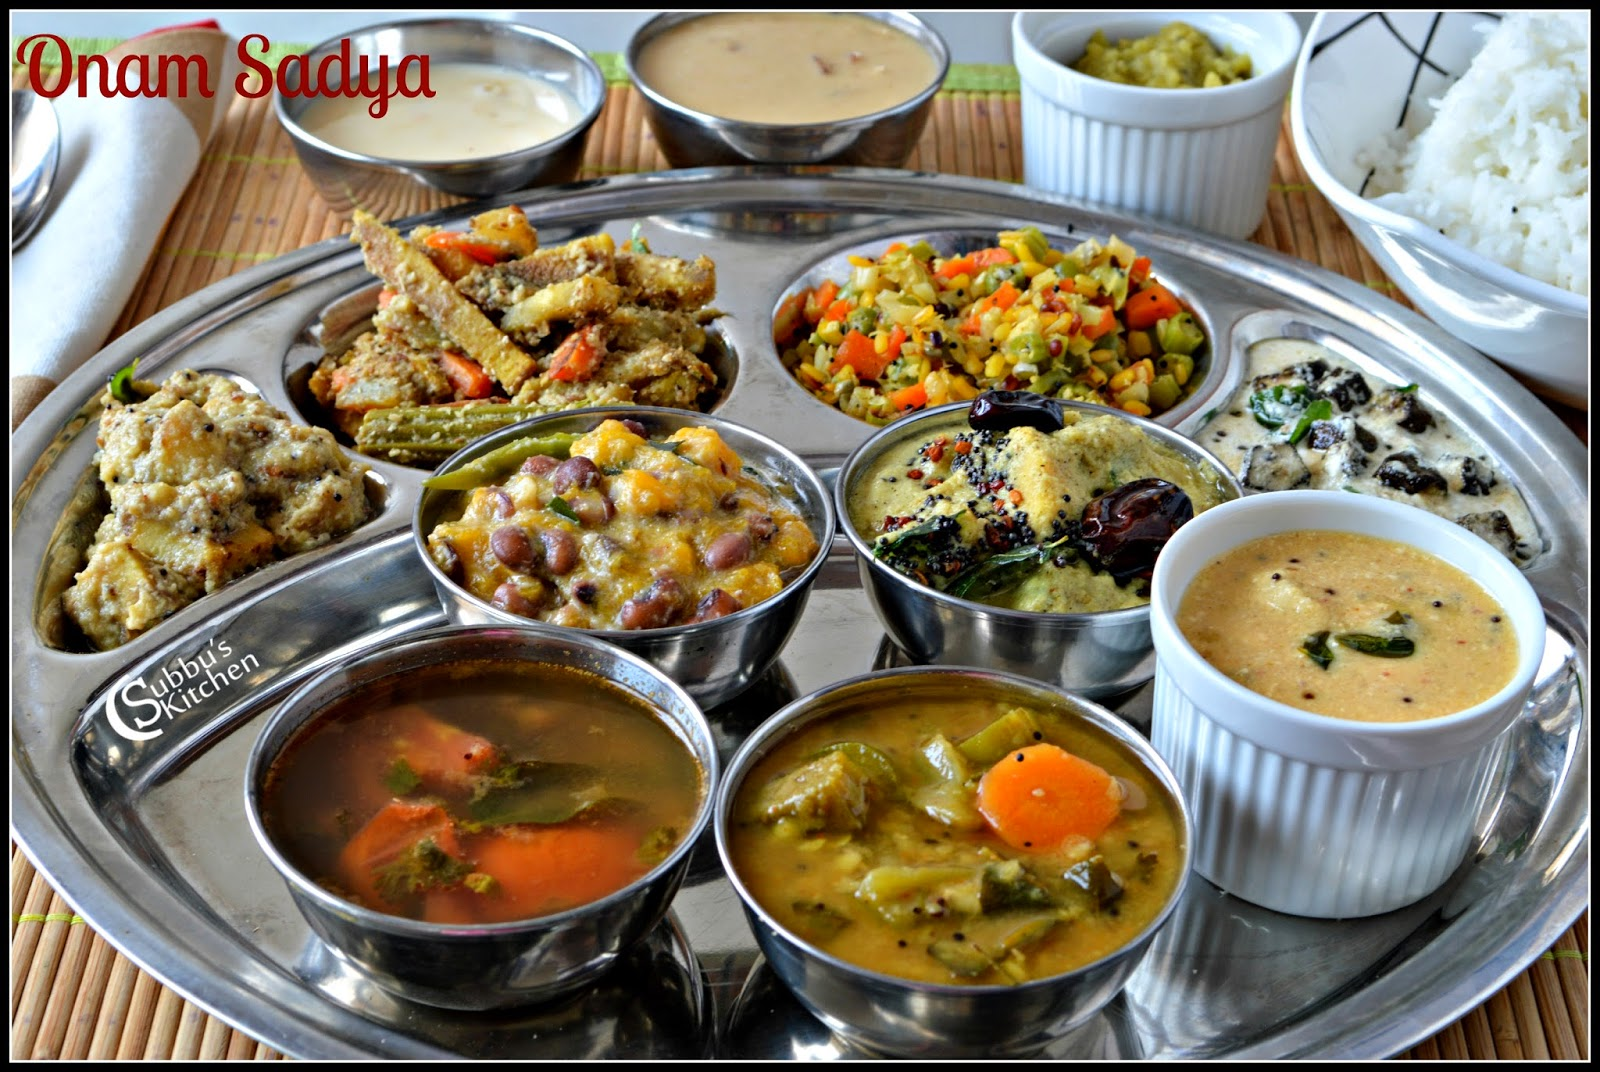 Onam Sadya (Onam Festival Lunch Menu) - Sambar, Rasam, Puliseri, Eriseri, Olan, Kalan, Aviyal, Kadamba thoran, Kadala Paruppu Pradaman, Pal Payasam, Thayir Pachadi, Rice and Pappad